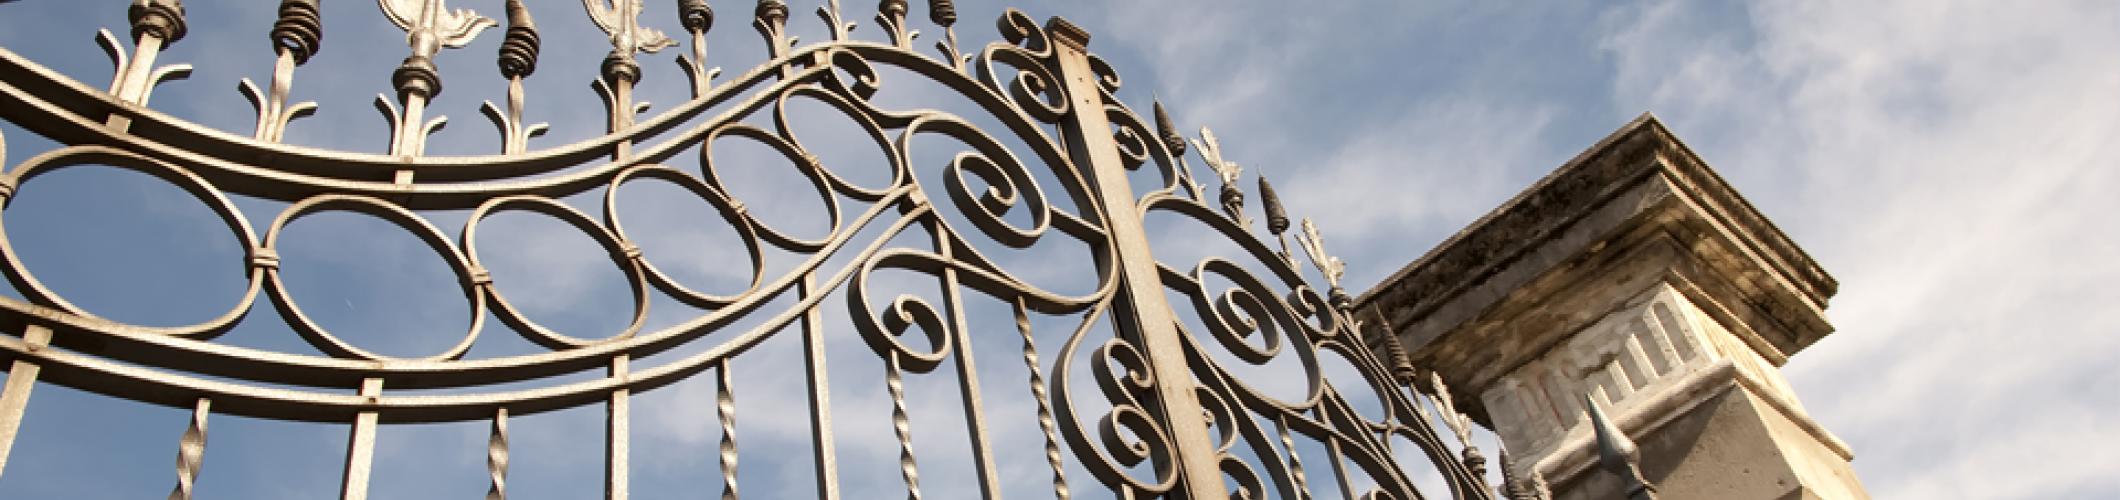 Metal Gates Header